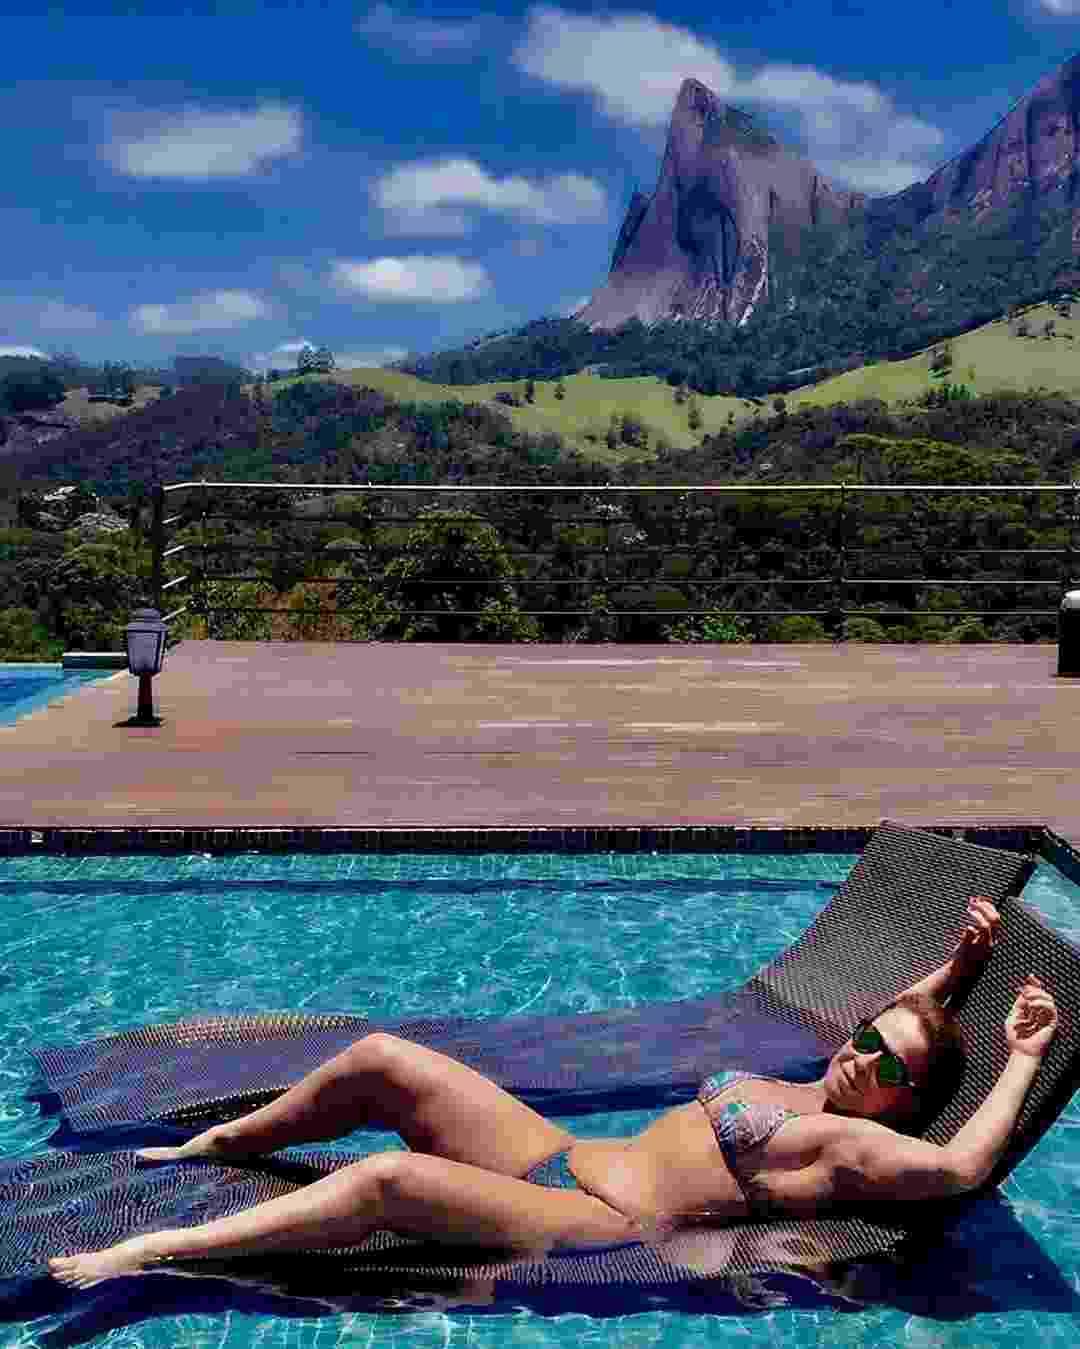 """De férias, Zilu Camargo relaxa em piscina no Parque Estadual da Pedra Azul, no Espírito Santo: """"Ativando a melanina"""", escreveu ela na legenda - Reprodução/Instagram"""